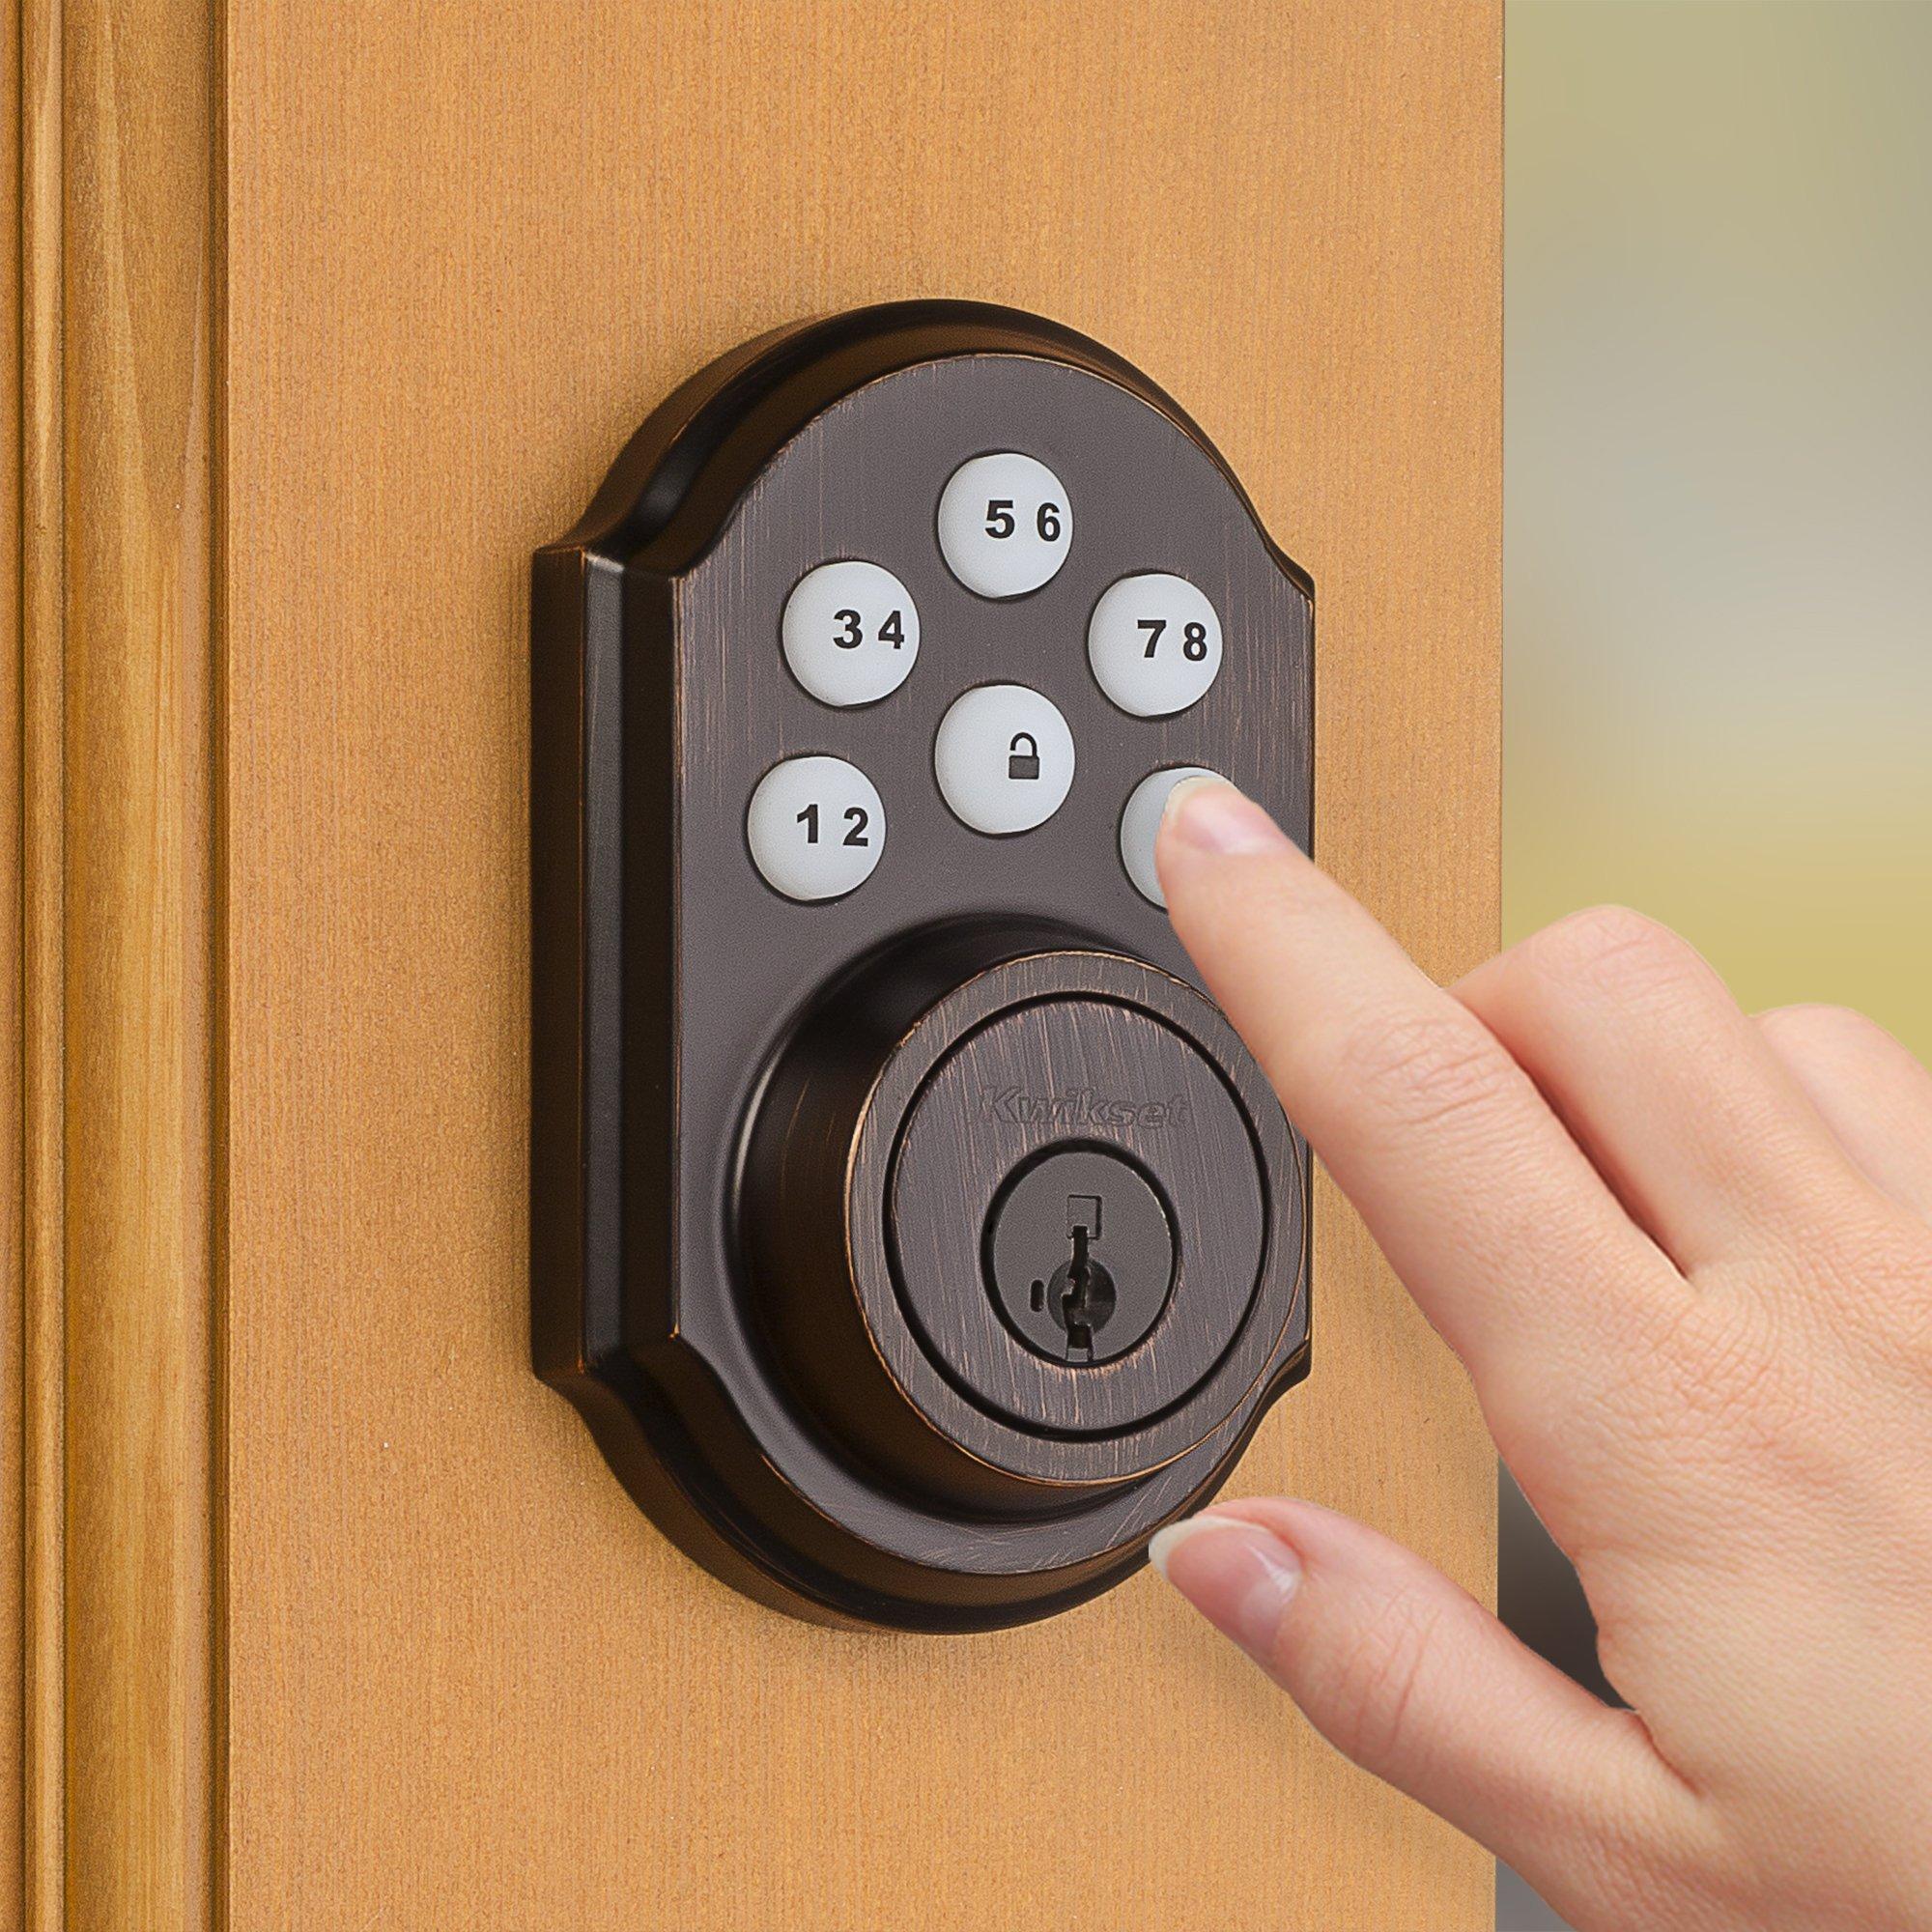 Kwikset 99100-045 SmartCode ZigBee Touchpad Smart Lock works with Echo Plus & Alexa, featuring SmartKey, Venetian Bronze by Kwikset (Image #4)